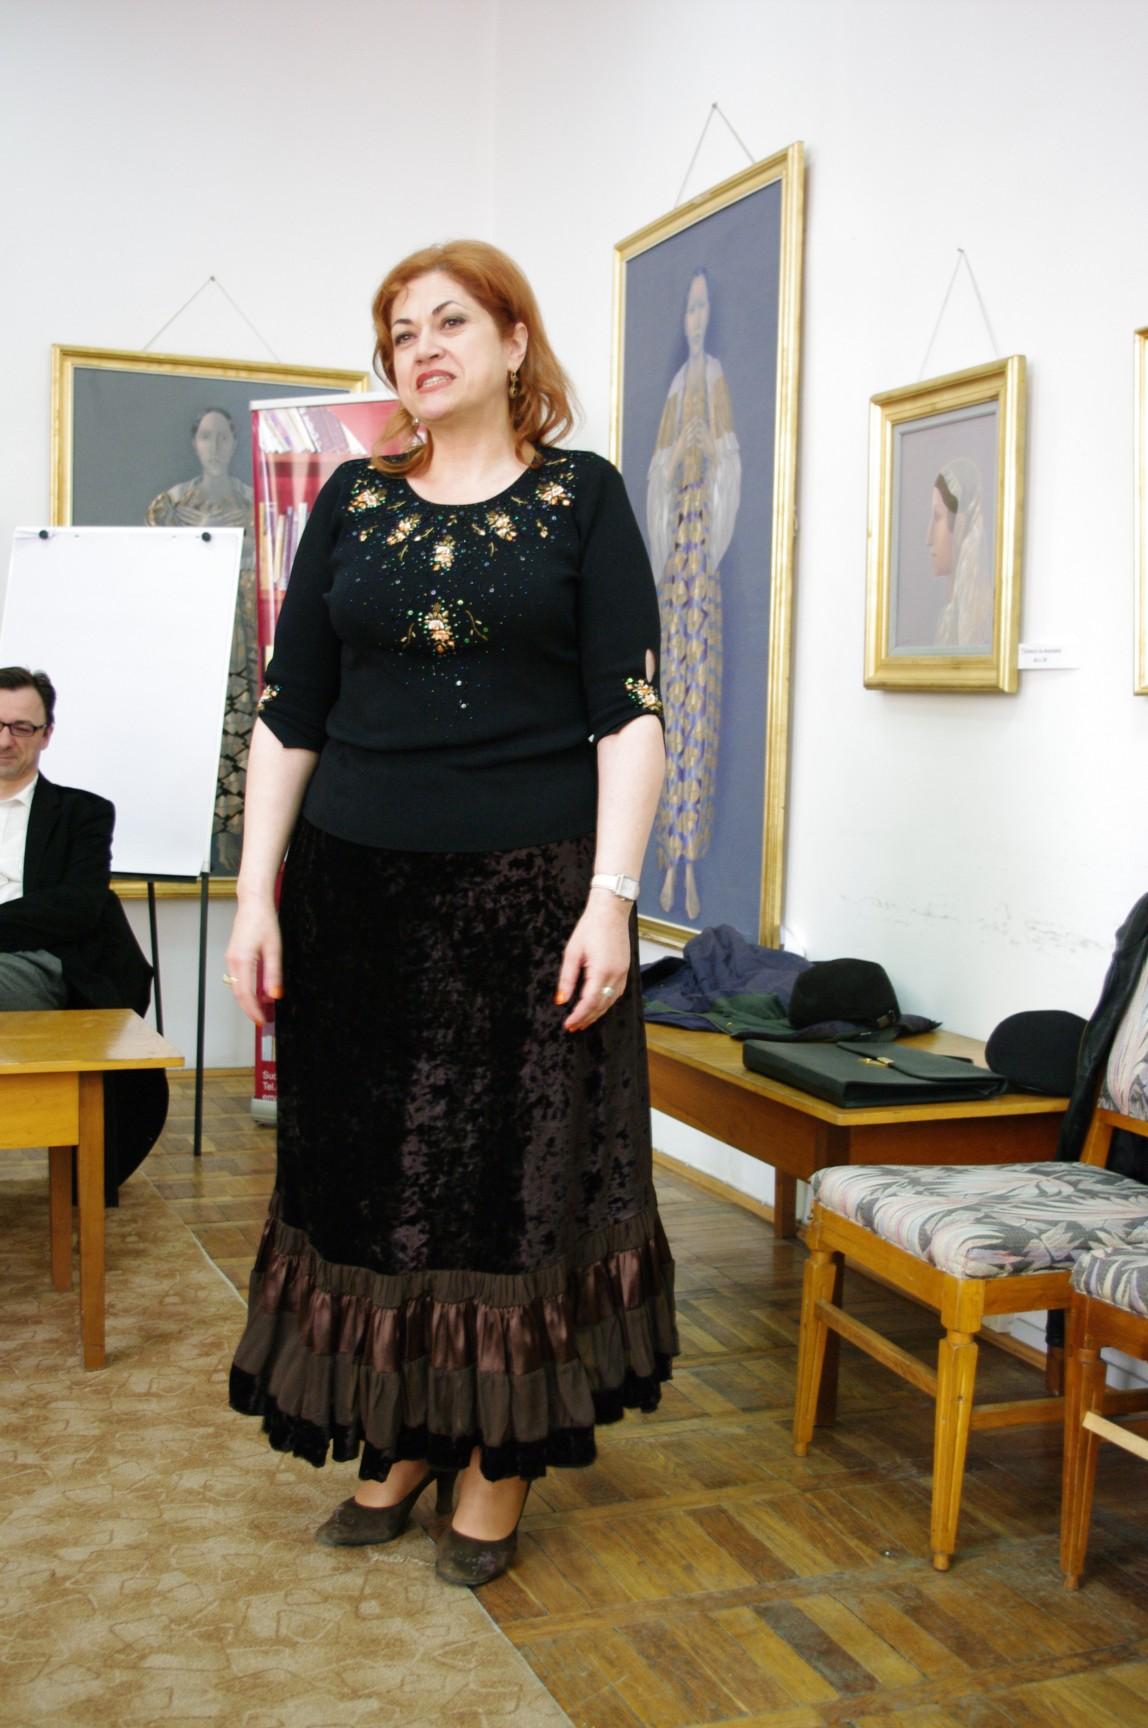 Cântă Gabriela Teişanu - foto: Dan Lungu